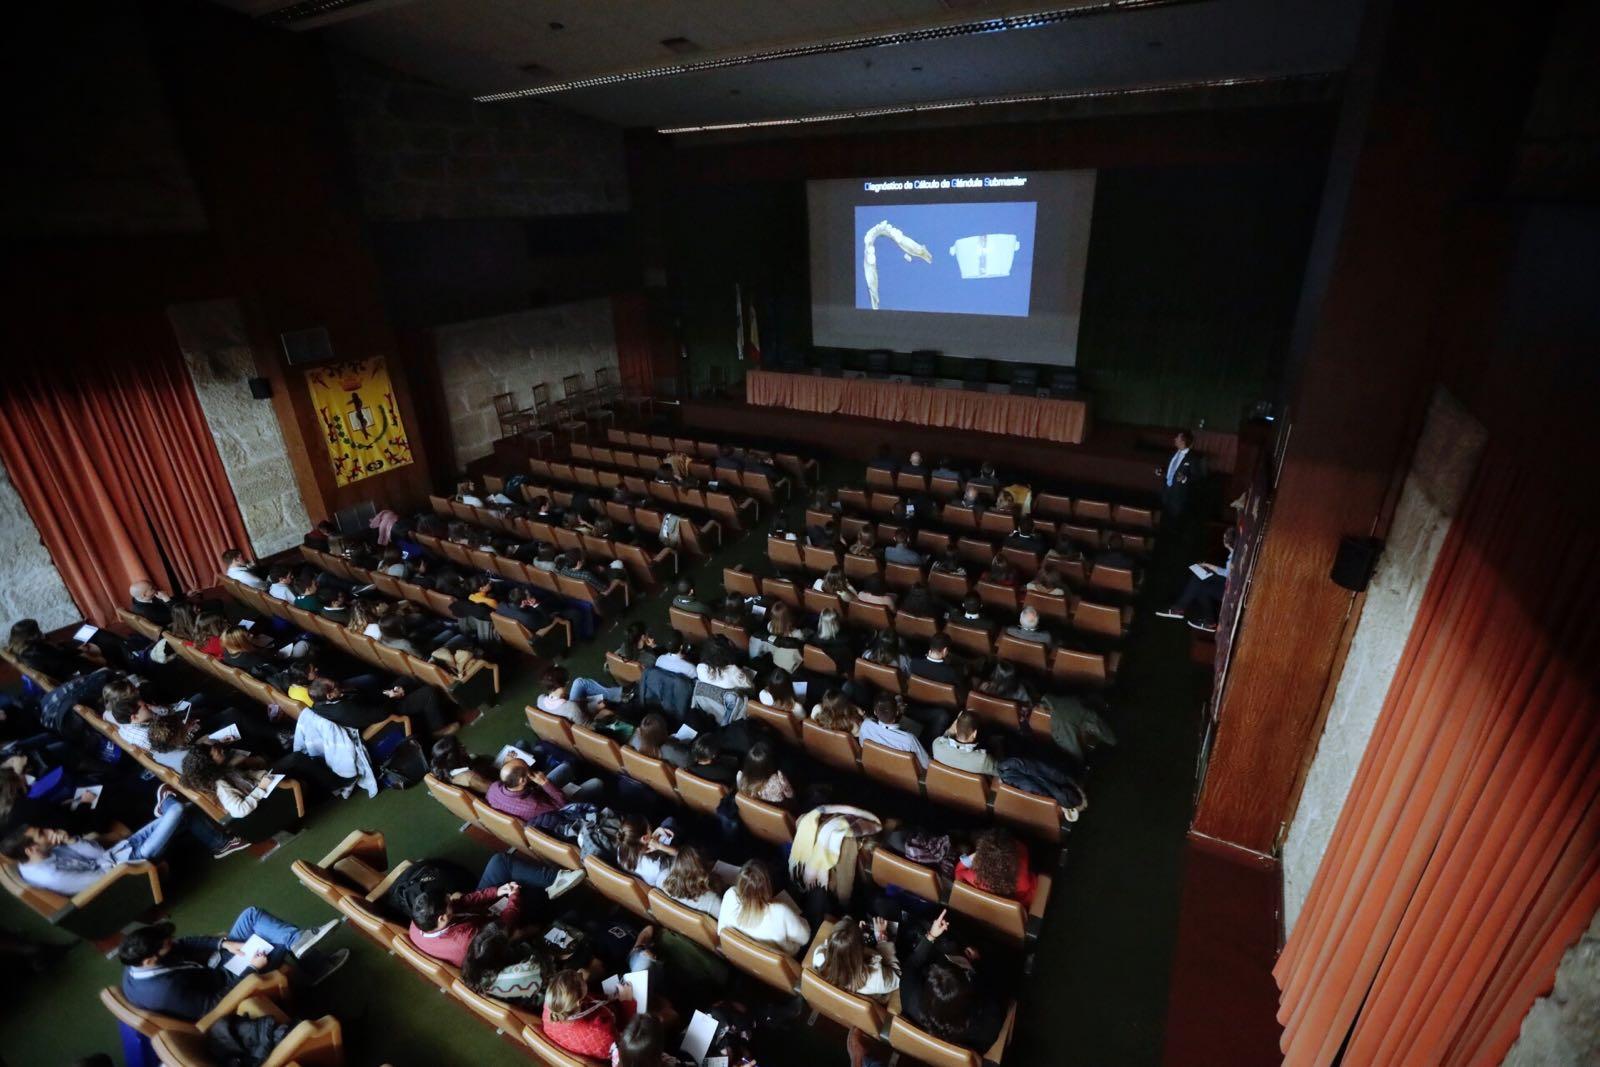 Salón de actos USC